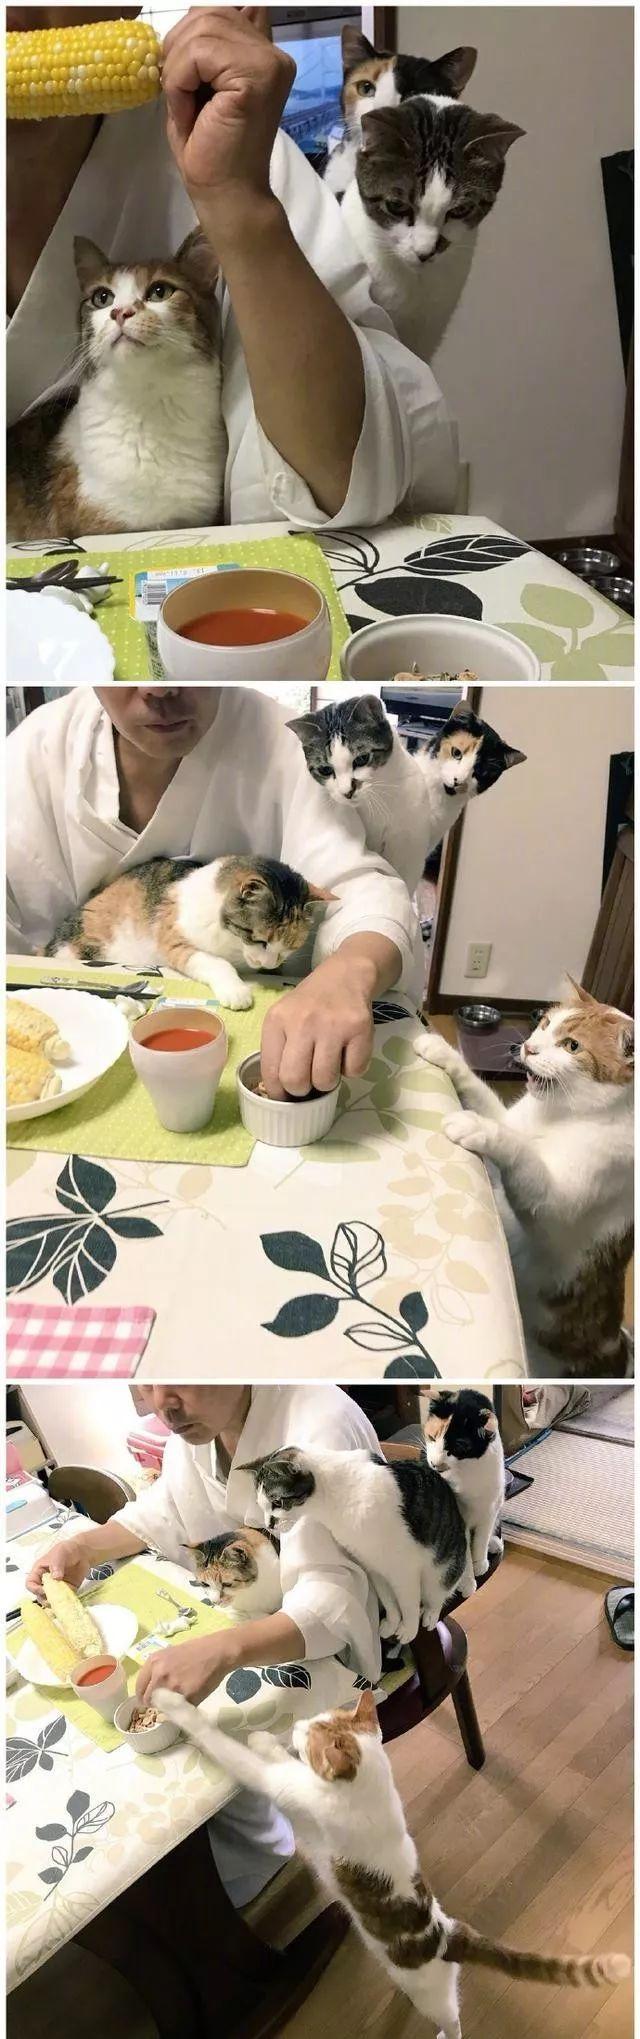 看到丝袜就想撸_日本一寺院收养四只猫以后,住持就每天沉迷撸猫!